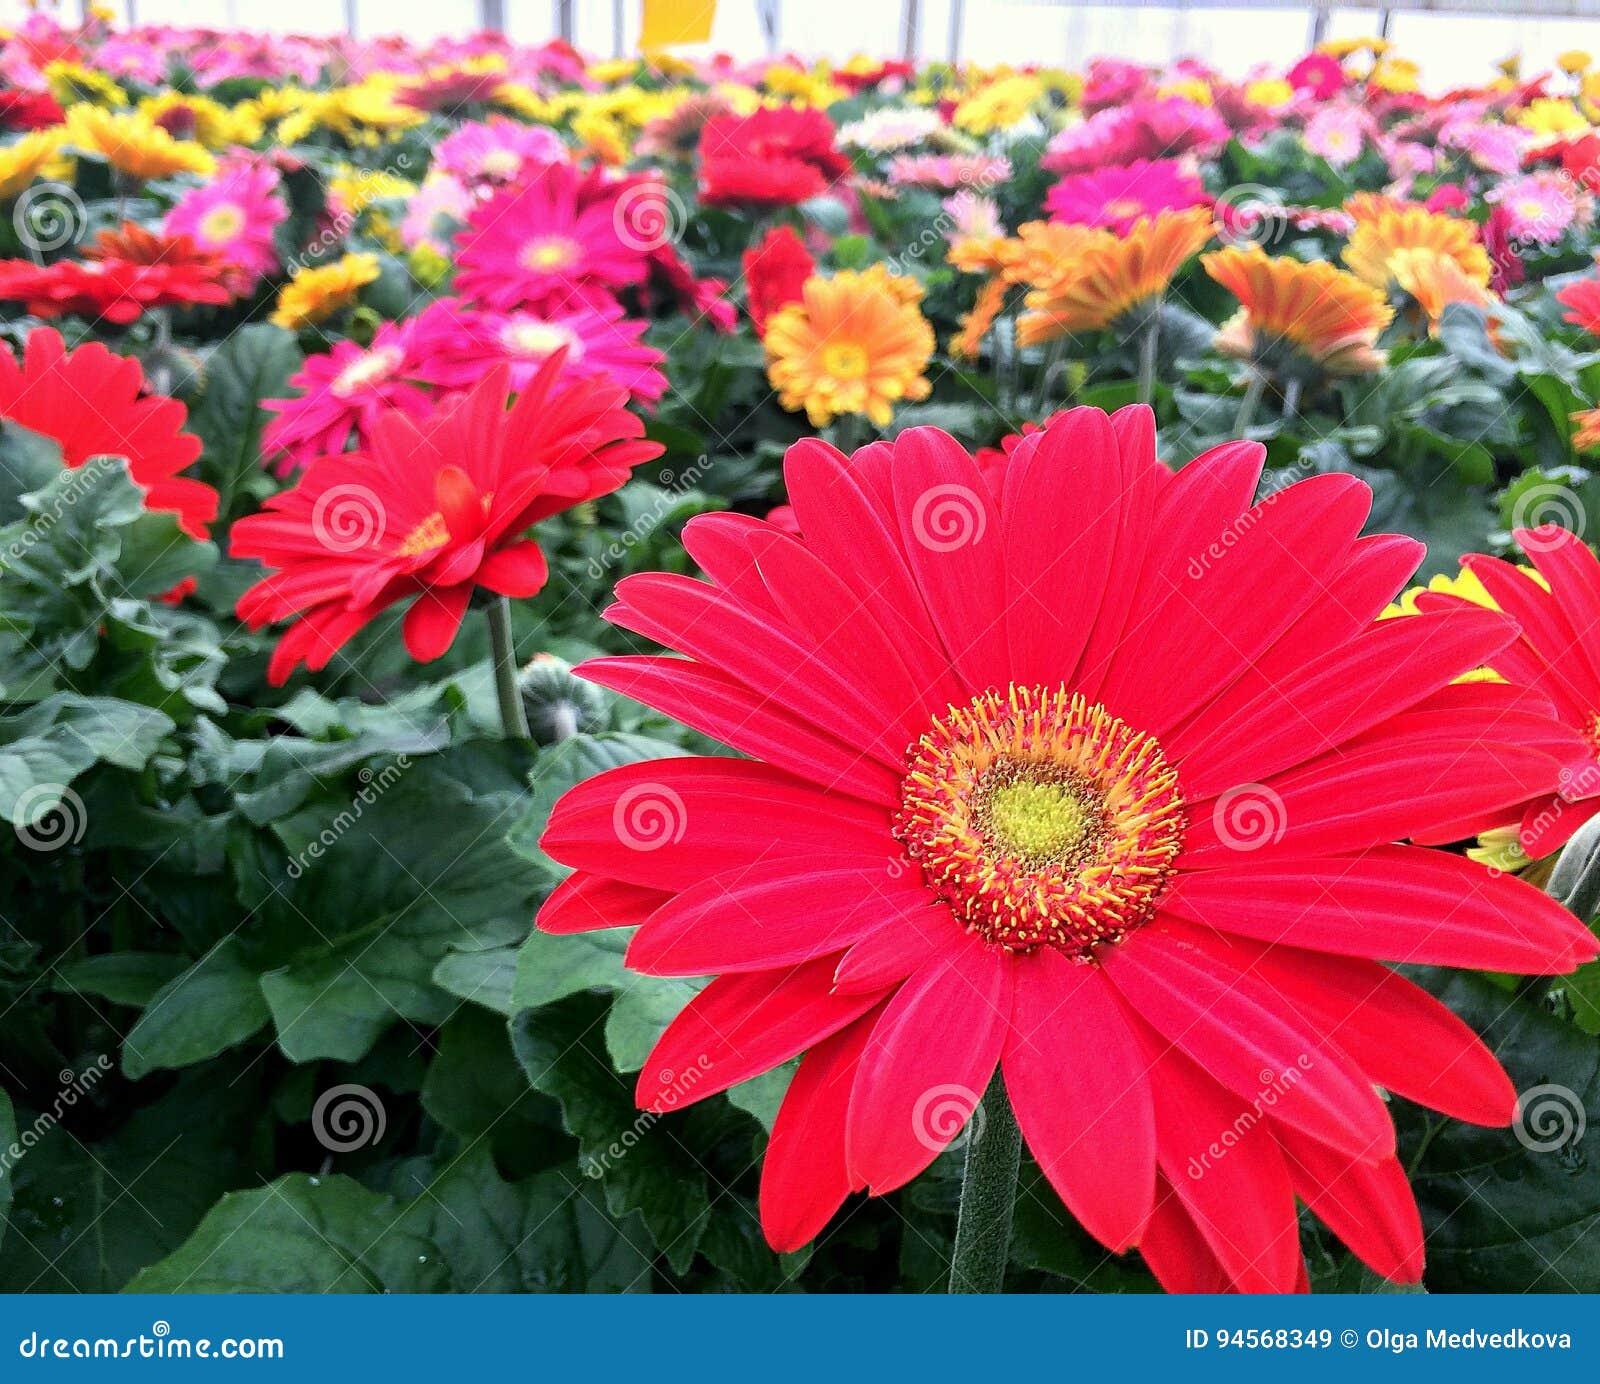 Flores Gerberas Imagen De Archivo Imagen De Houseplant 94568349